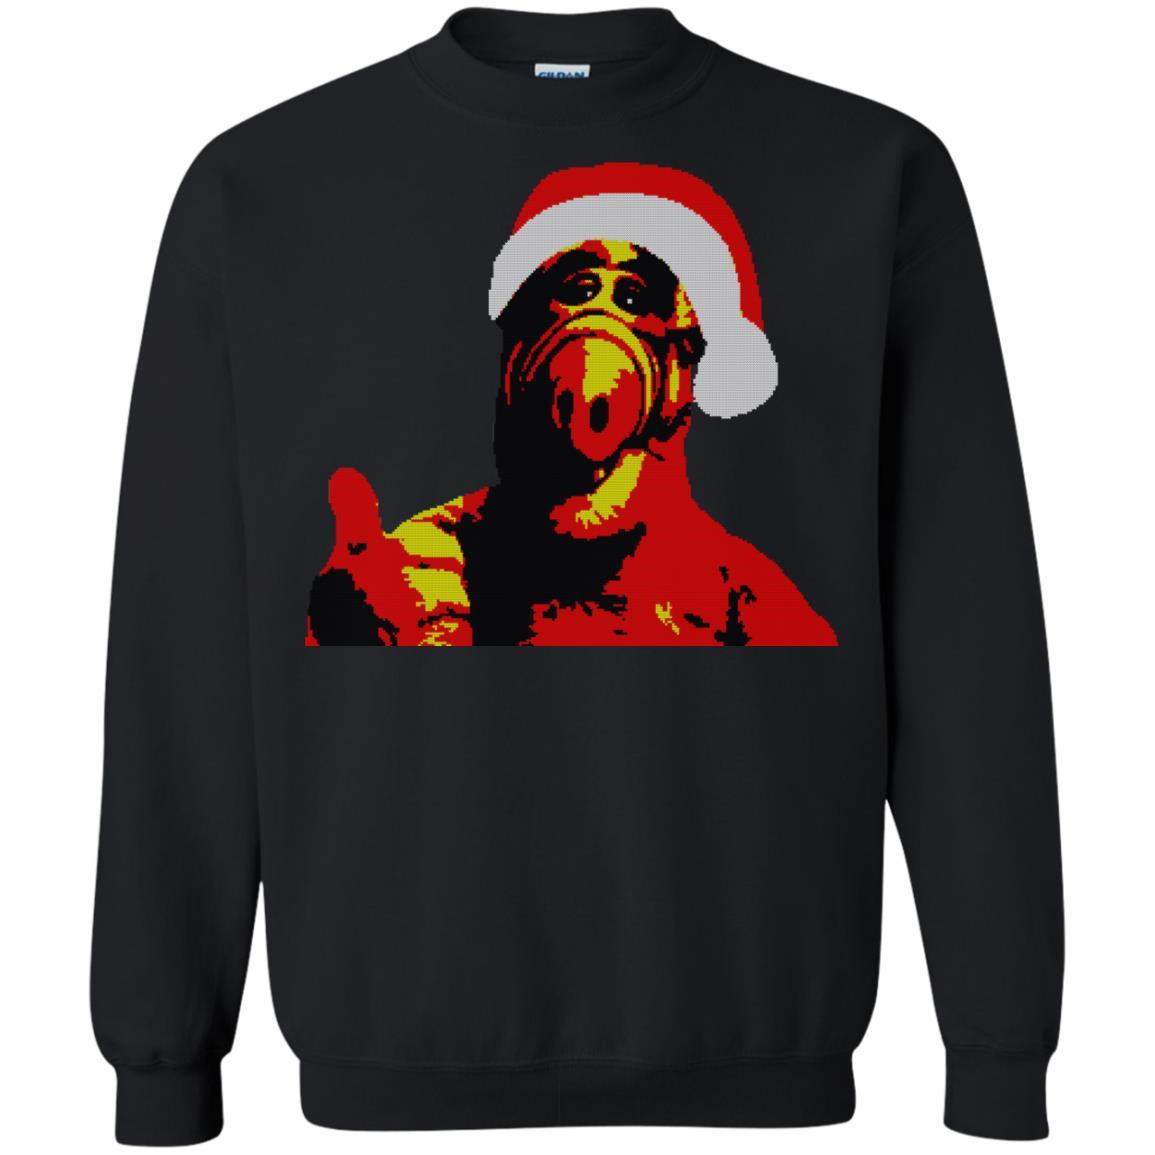 image 1029 - ALF Christmas Sweater, Hoodie, Long Sleeve